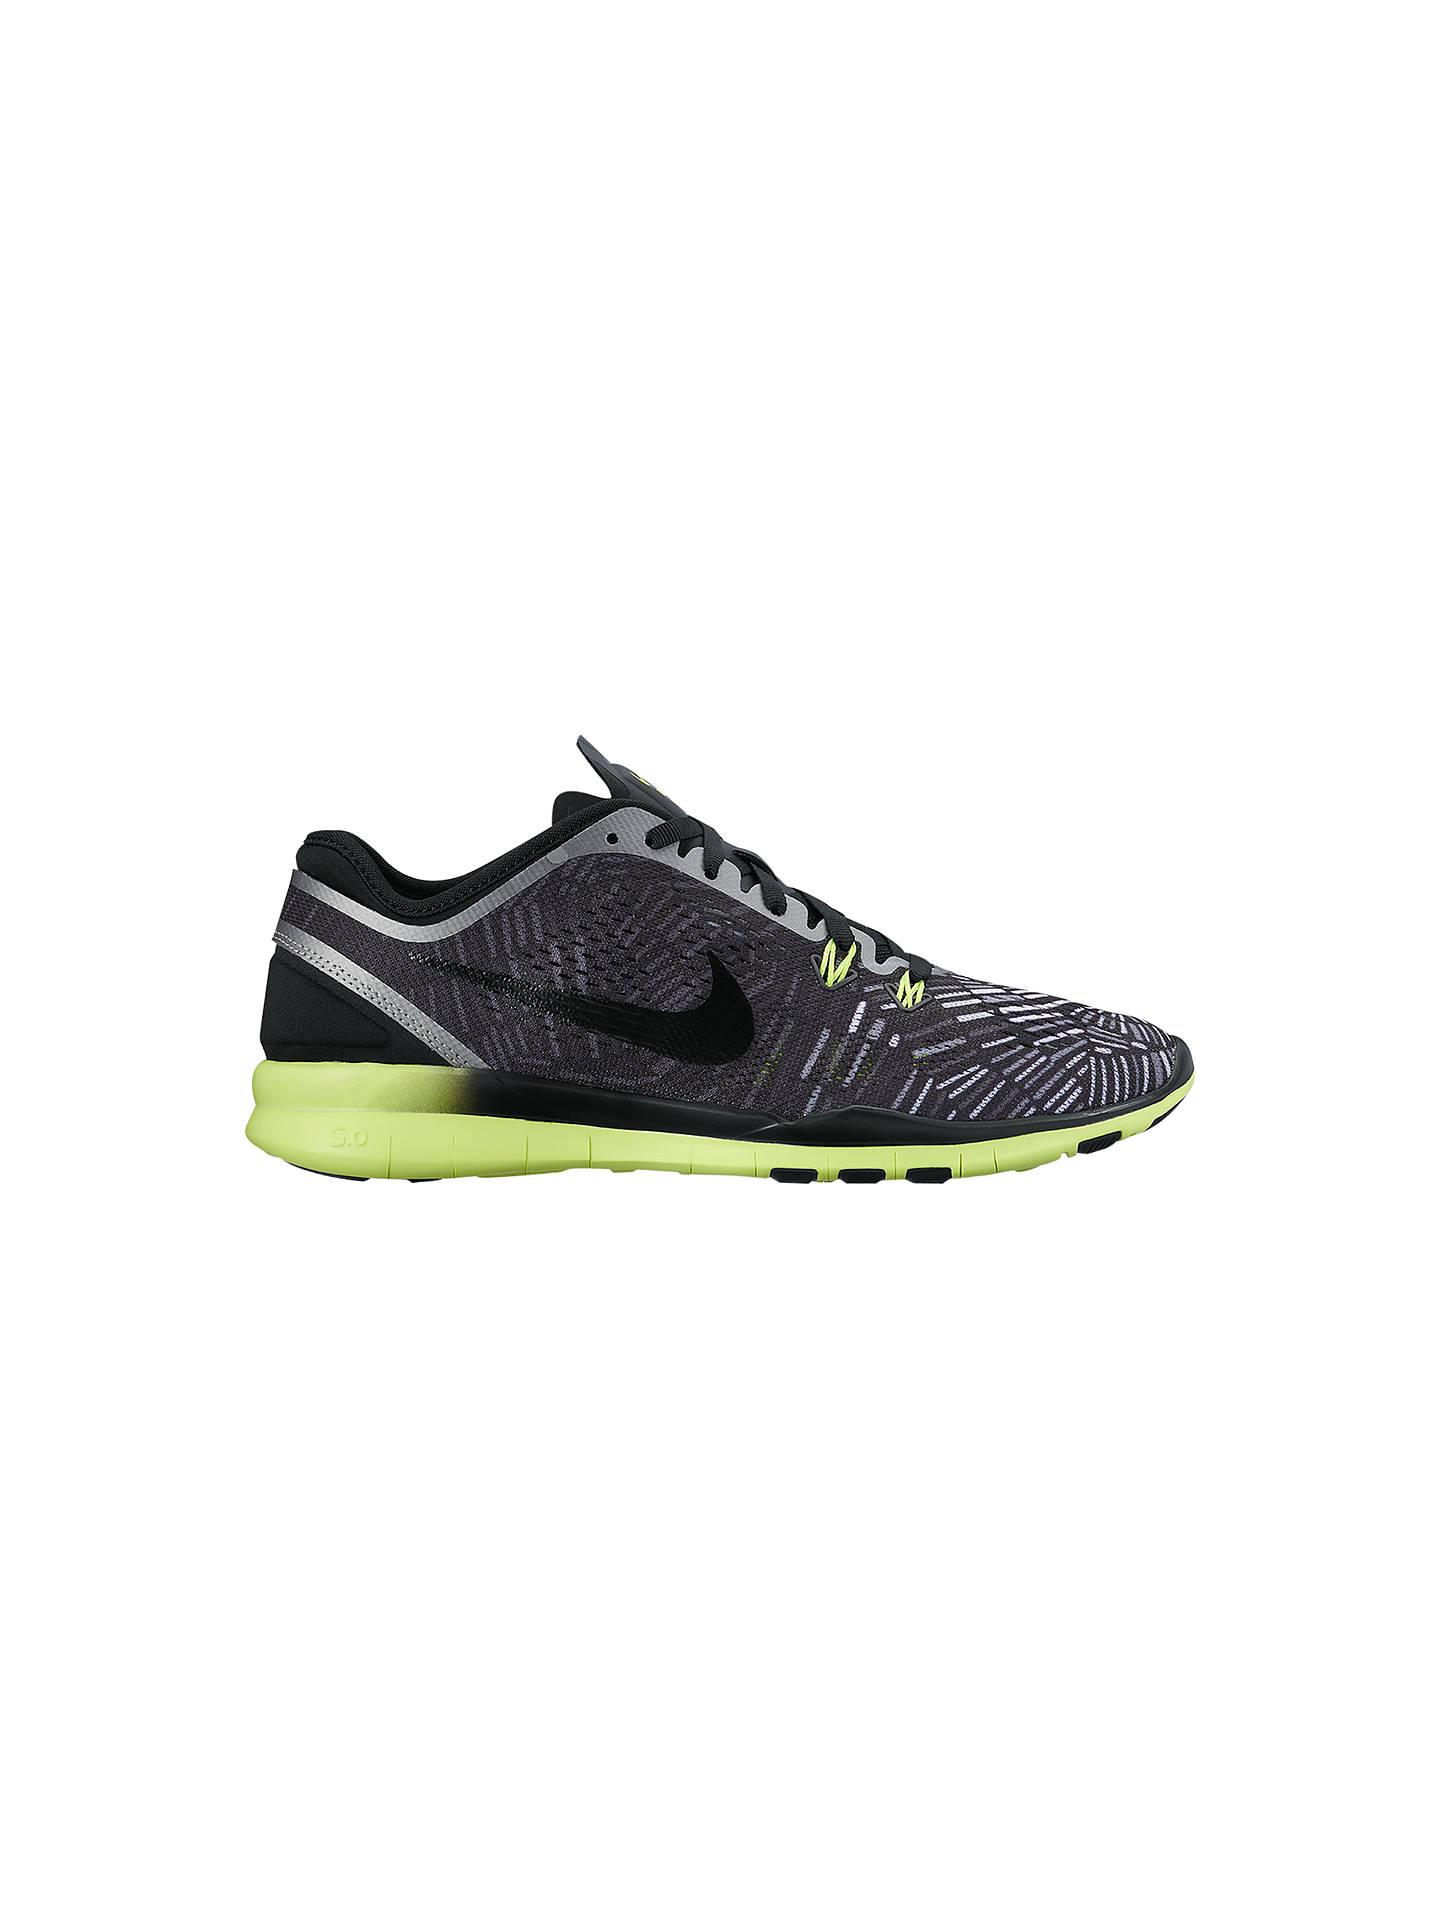 73791952cdeb Buy Nike Free TR 5 Flyknit Women s Cross Trainers